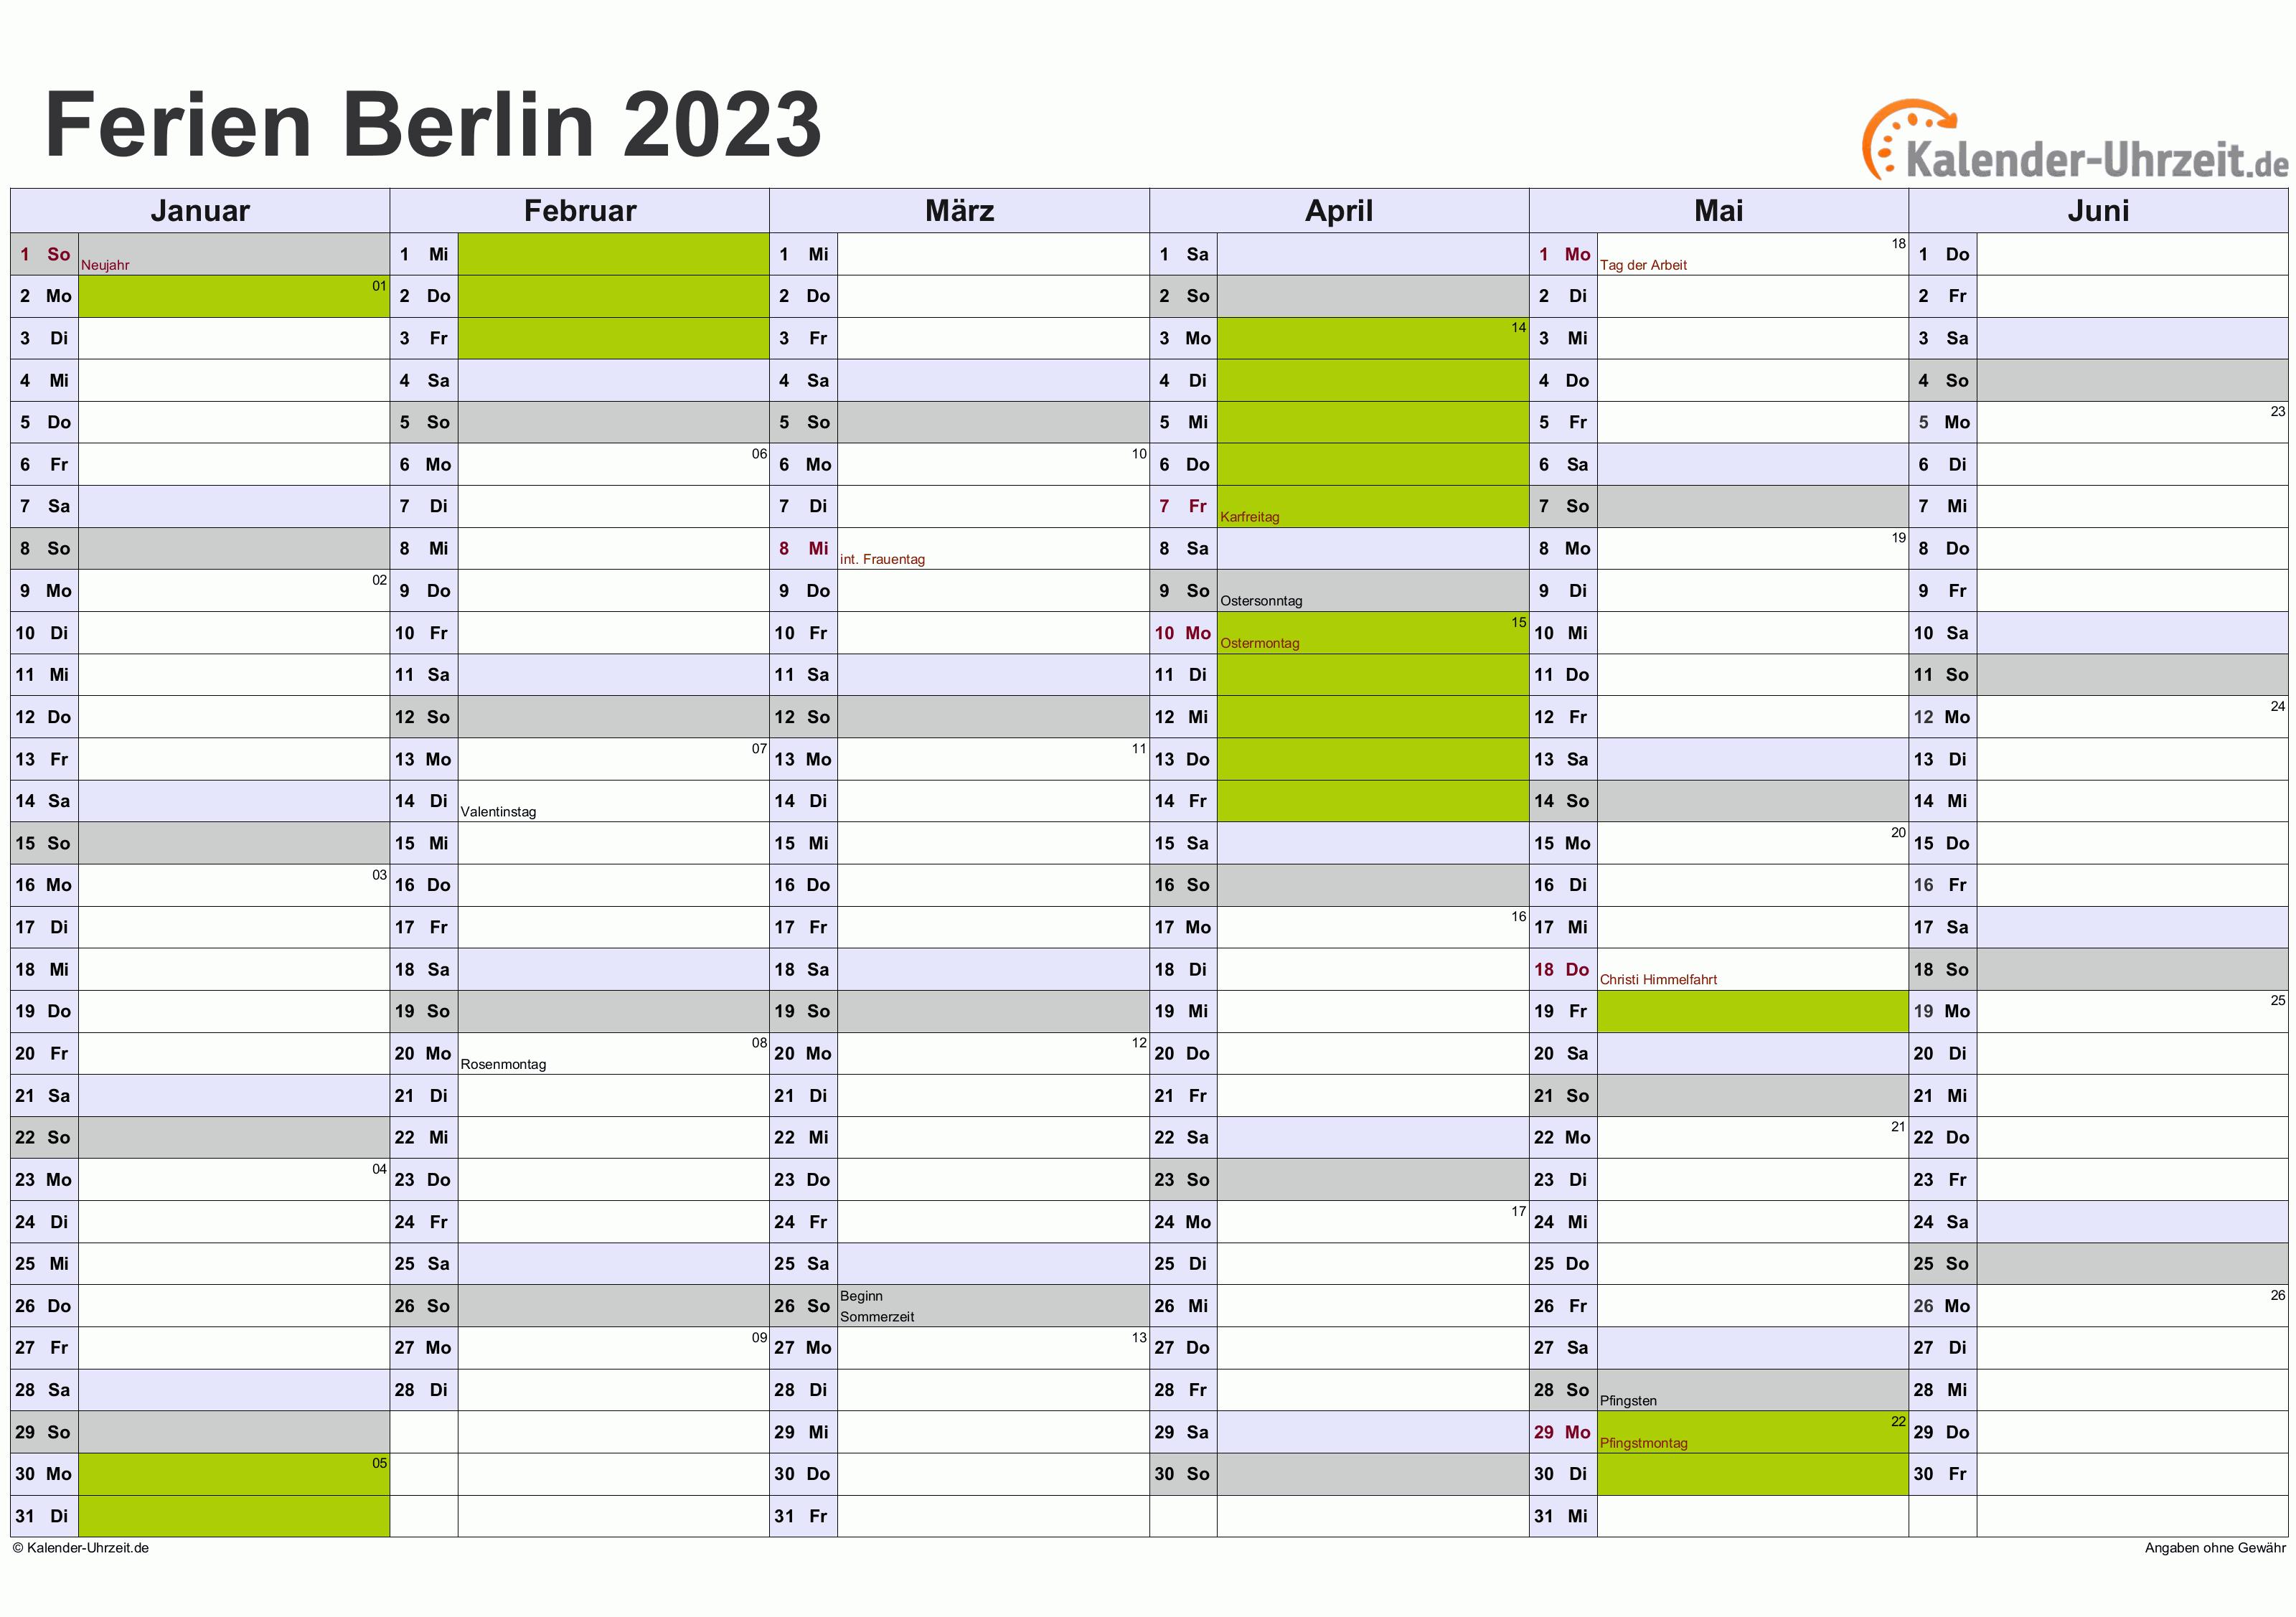 Berlin Ferienkalender